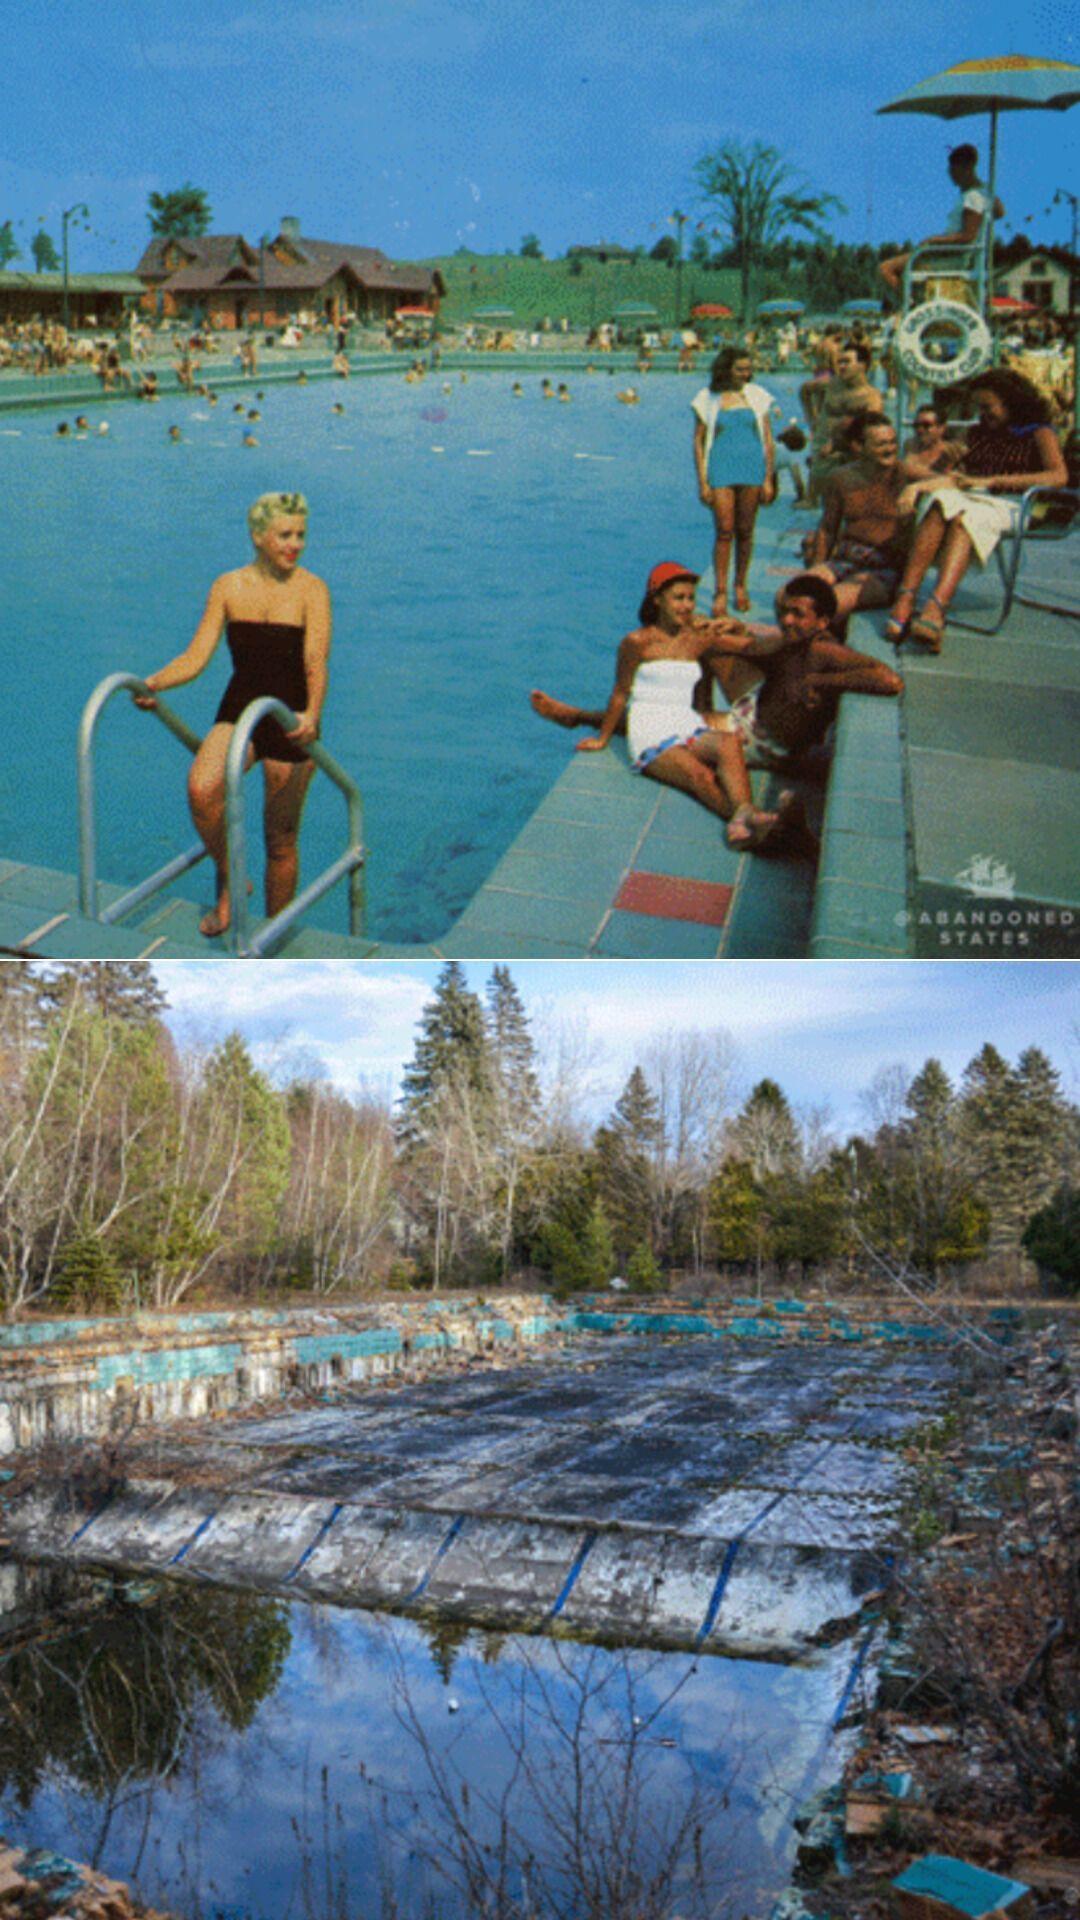 Открытый бассейн олимпийских размеров в Grossinger, построенный в 1949 году, обошелся в $400 тысяч